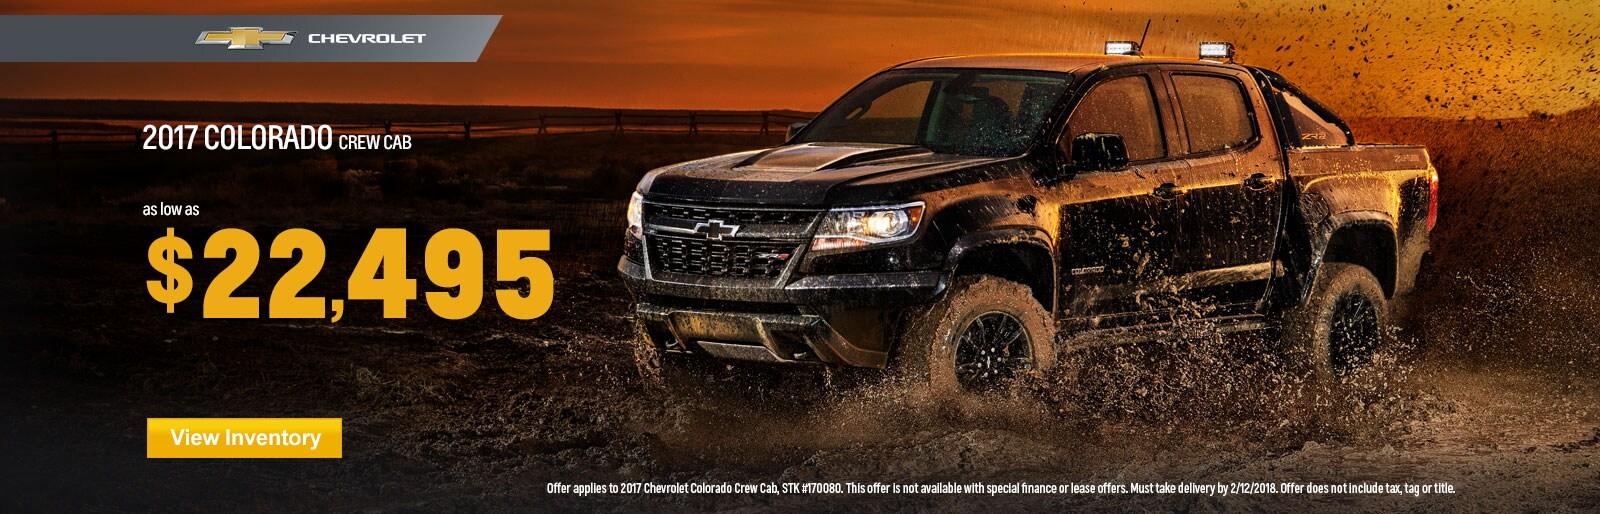 Sandy Sansing Chevrolet New Chevrolet Dealership In